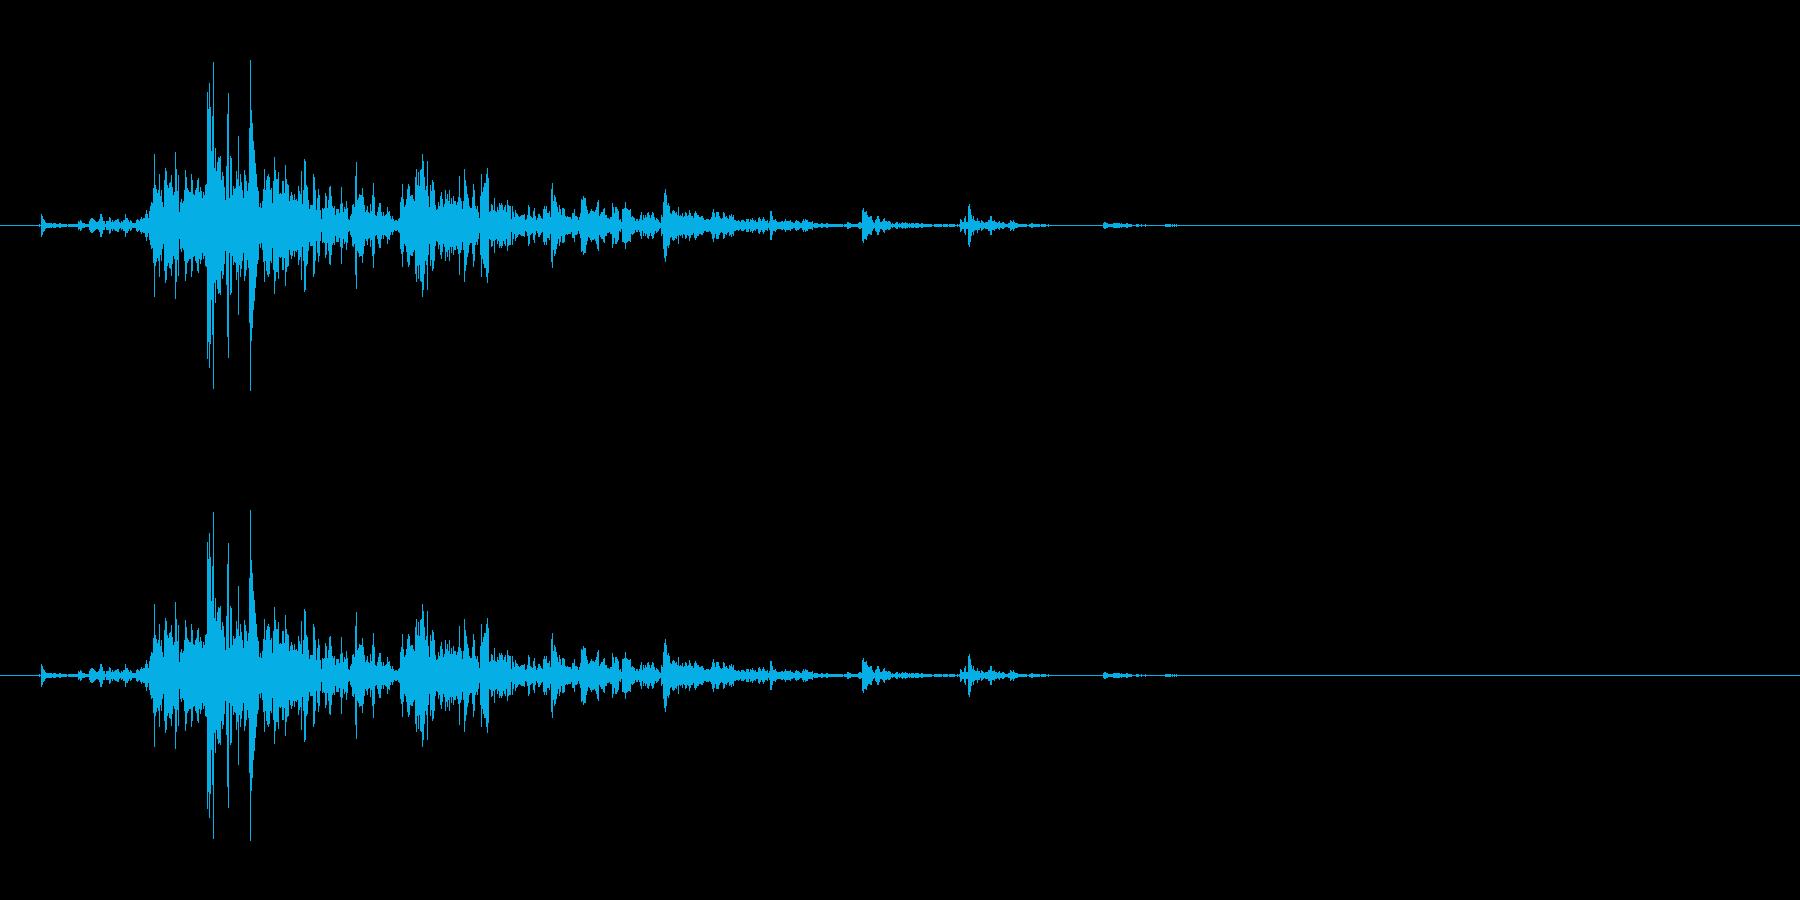 「シャン!」ウッドチャイムの渇いた単発音の再生済みの波形